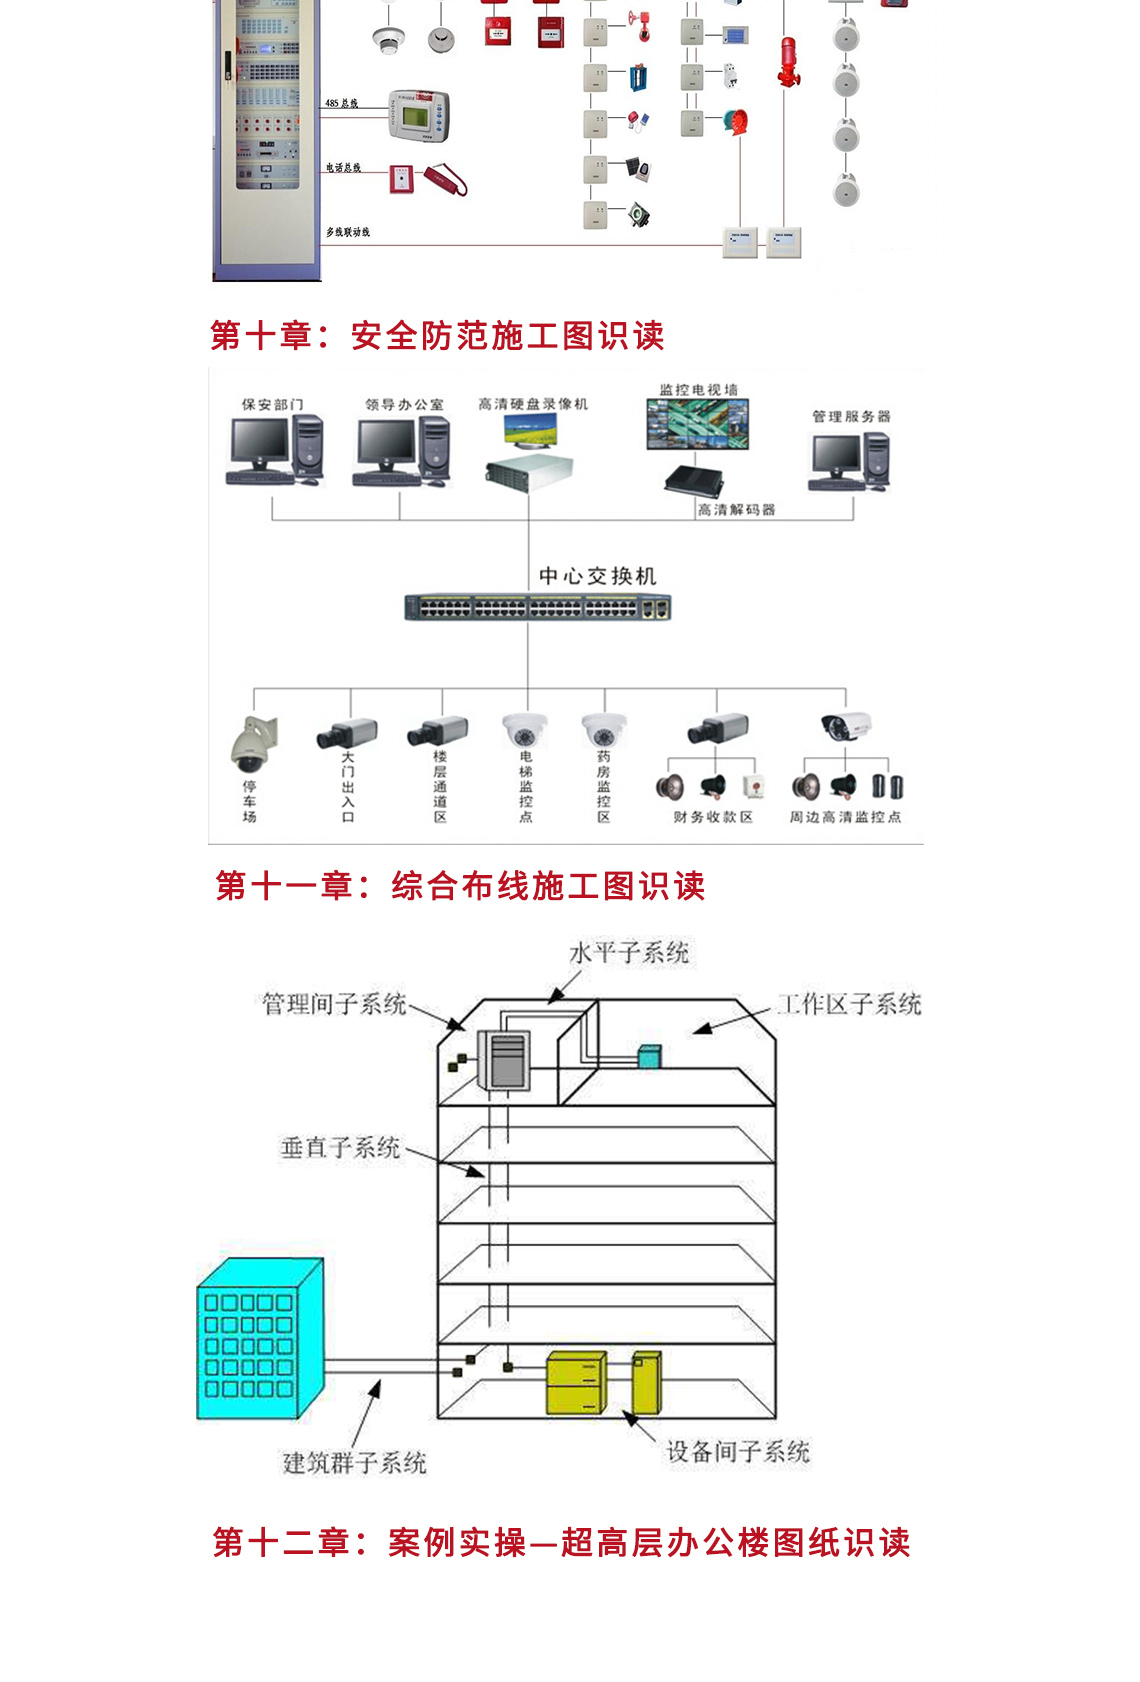 建筑电气工程识图,变配电工程识图,弱电工程识图,建筑电气图纸绘制